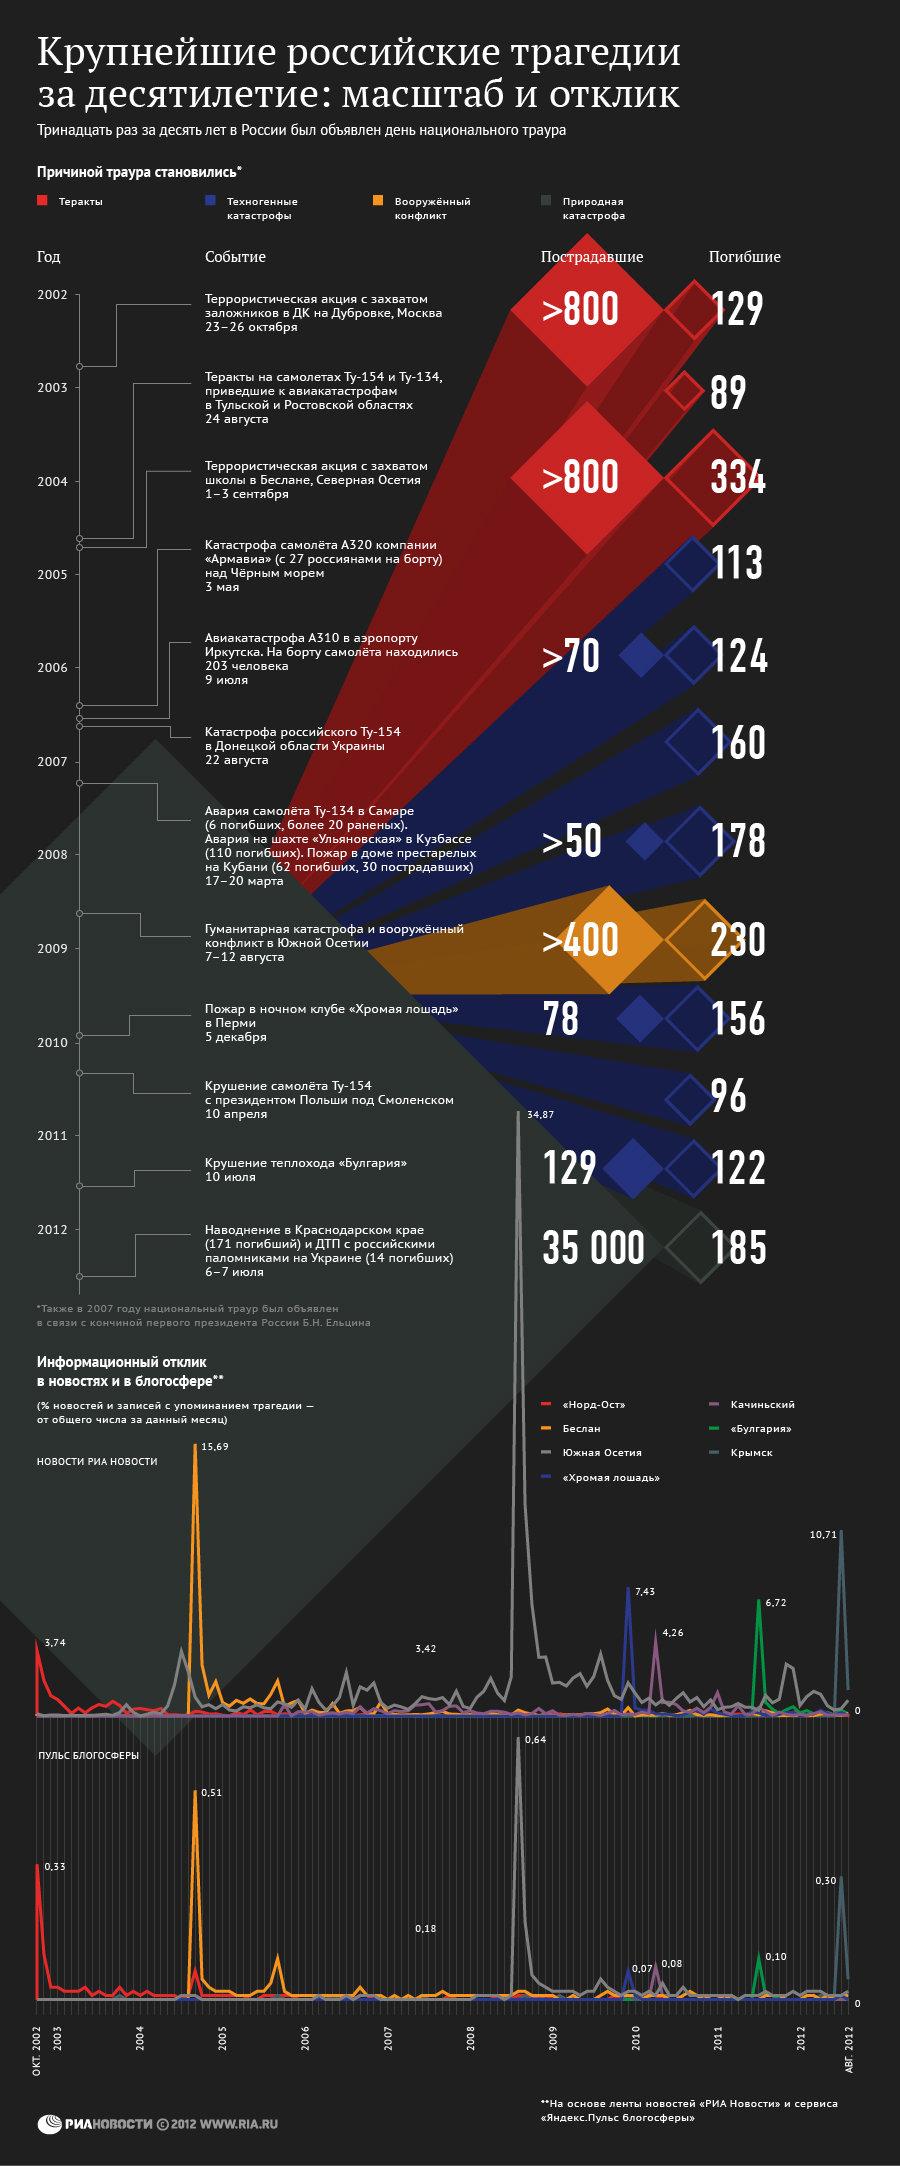 Крупнейшие российские трагедии за десятилетие: масштаб и отклик